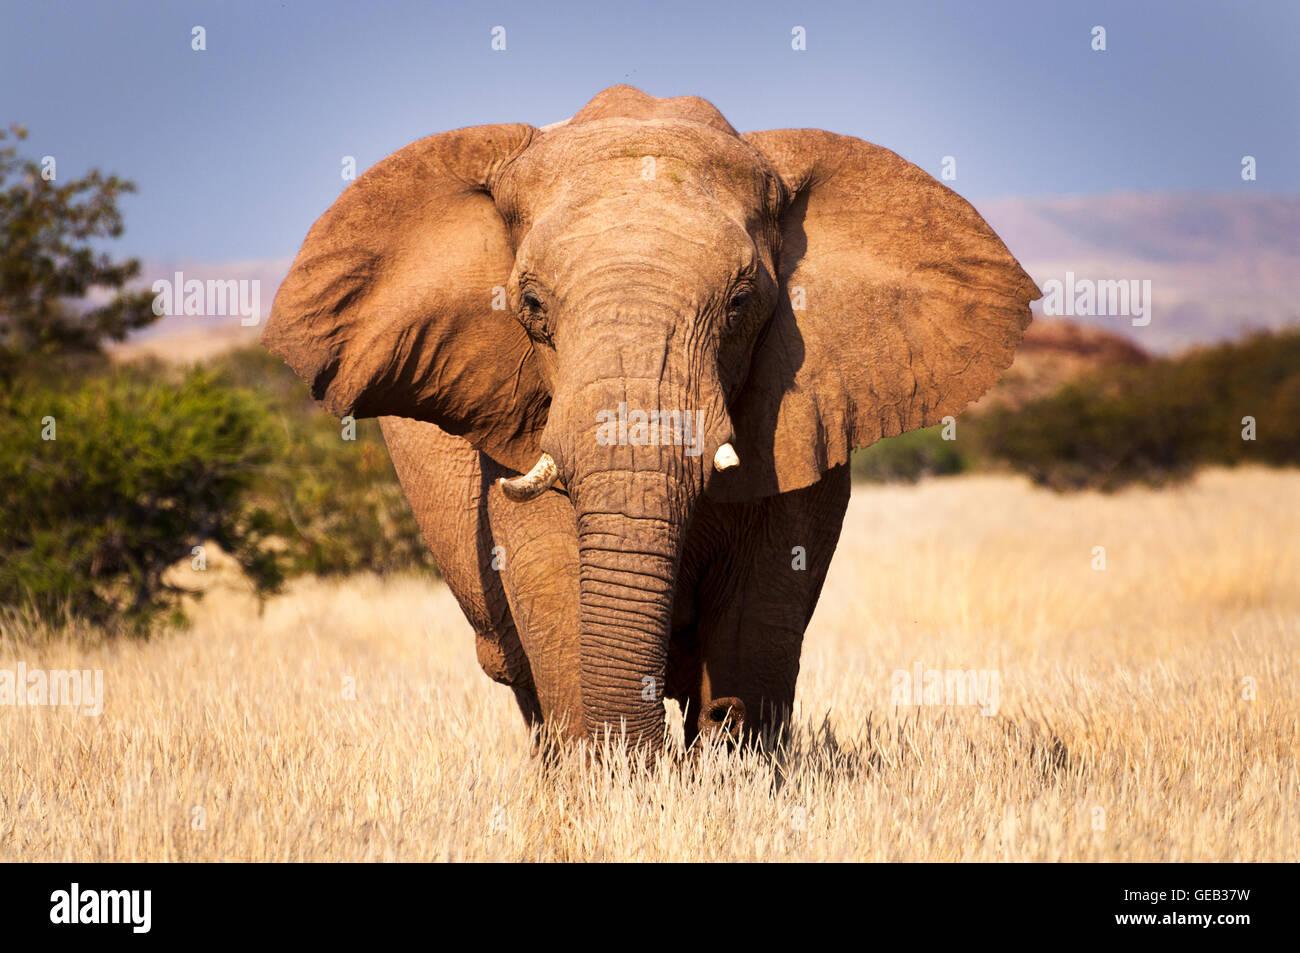 L'elefante nella savana, in Namibia, Africa, concetto per i viaggi in Africa e Safari Immagini Stock